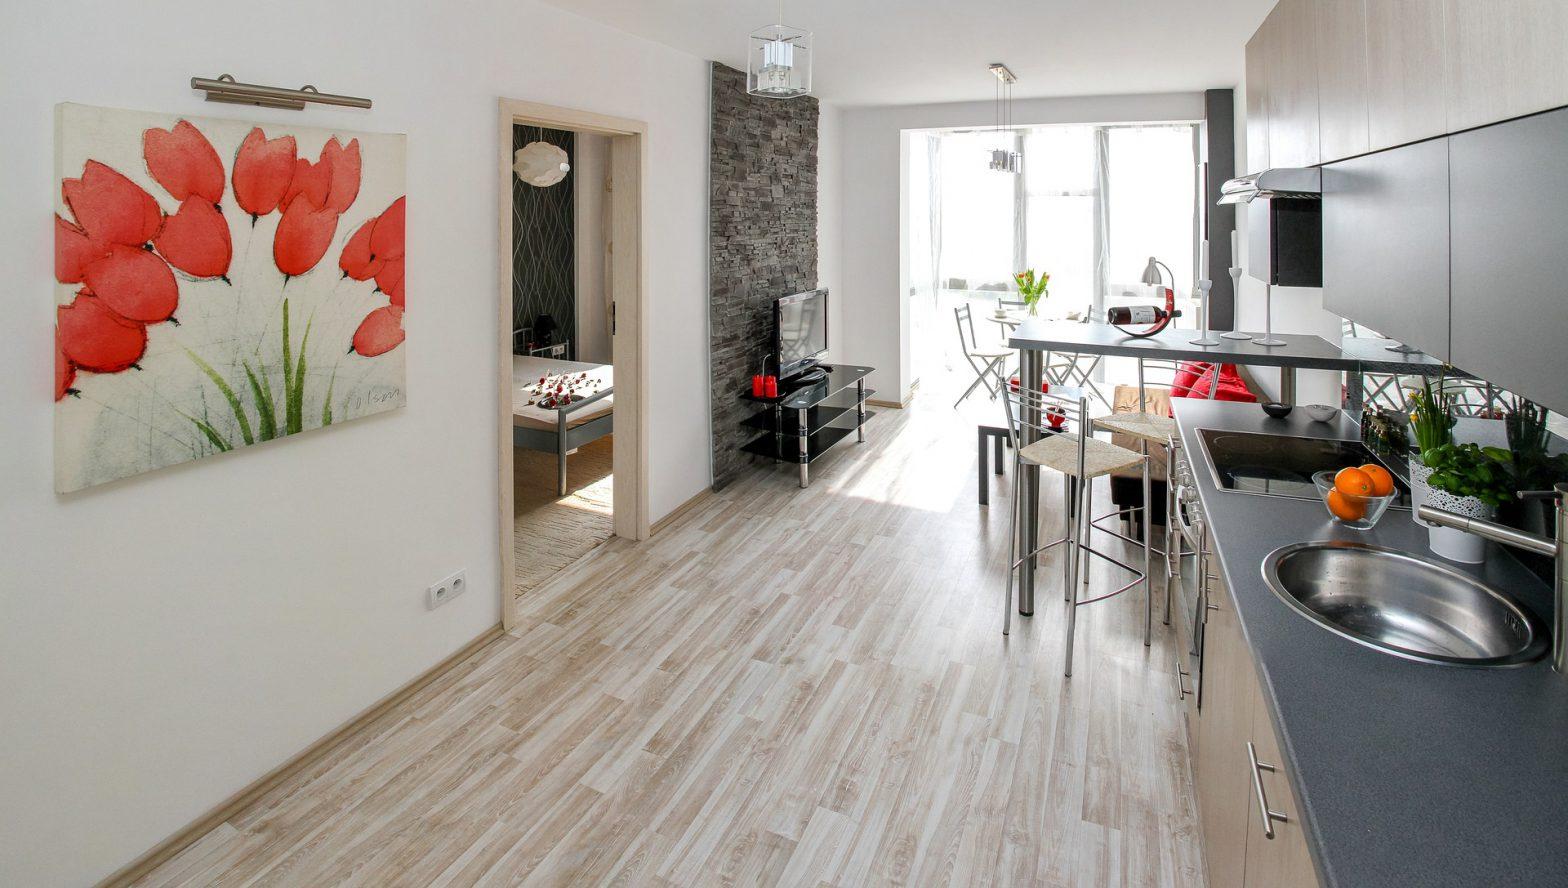 Mieszkania Polaków: ile metrów kwadratowych mają średnio?